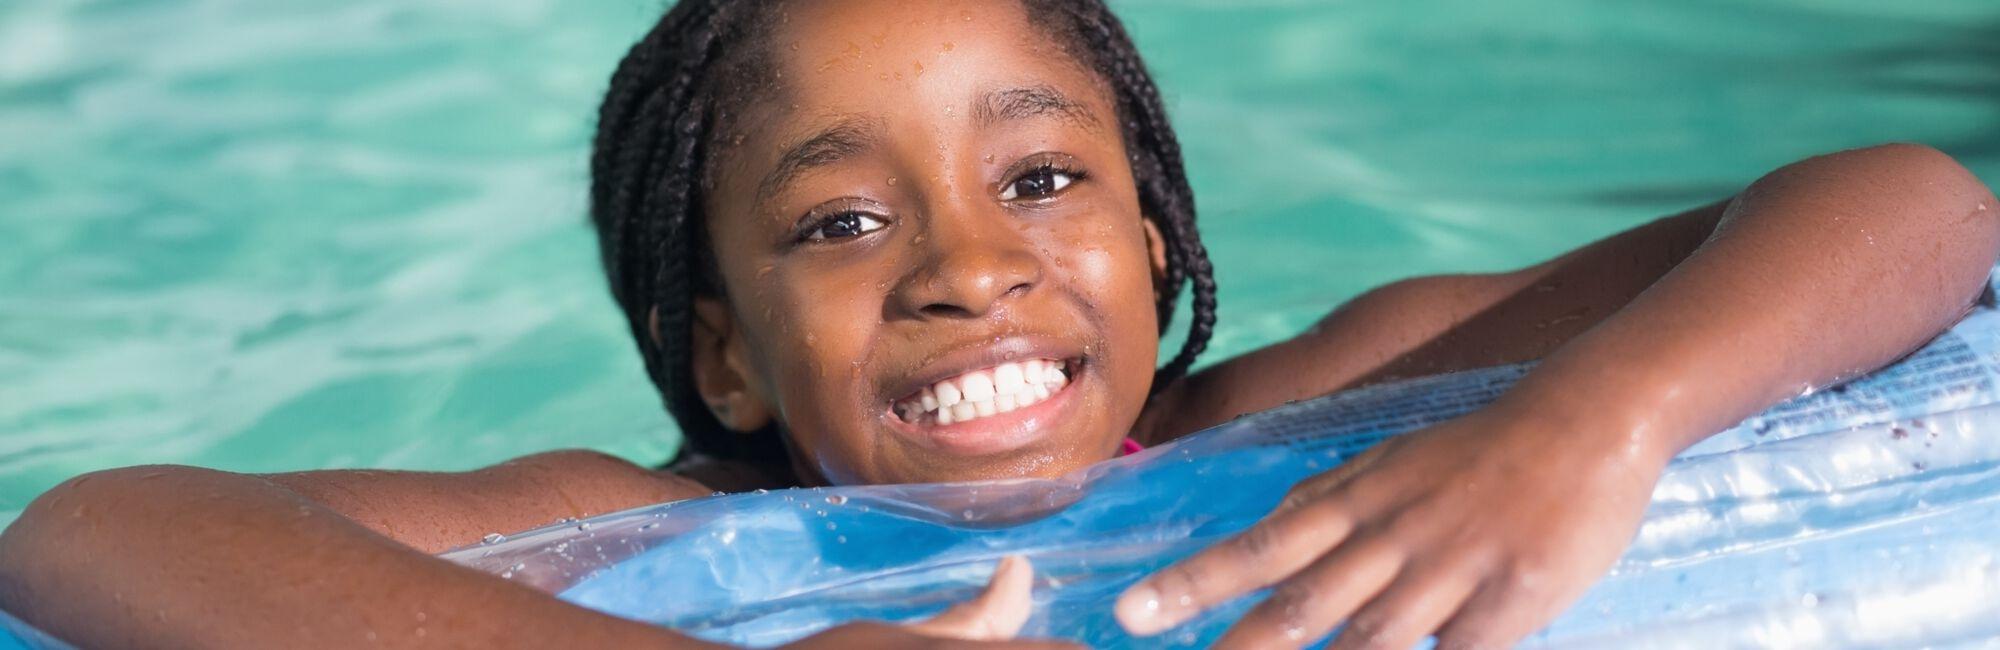 Headerbeeld zweminstuif - Meisje of luchtbed in het zwembad